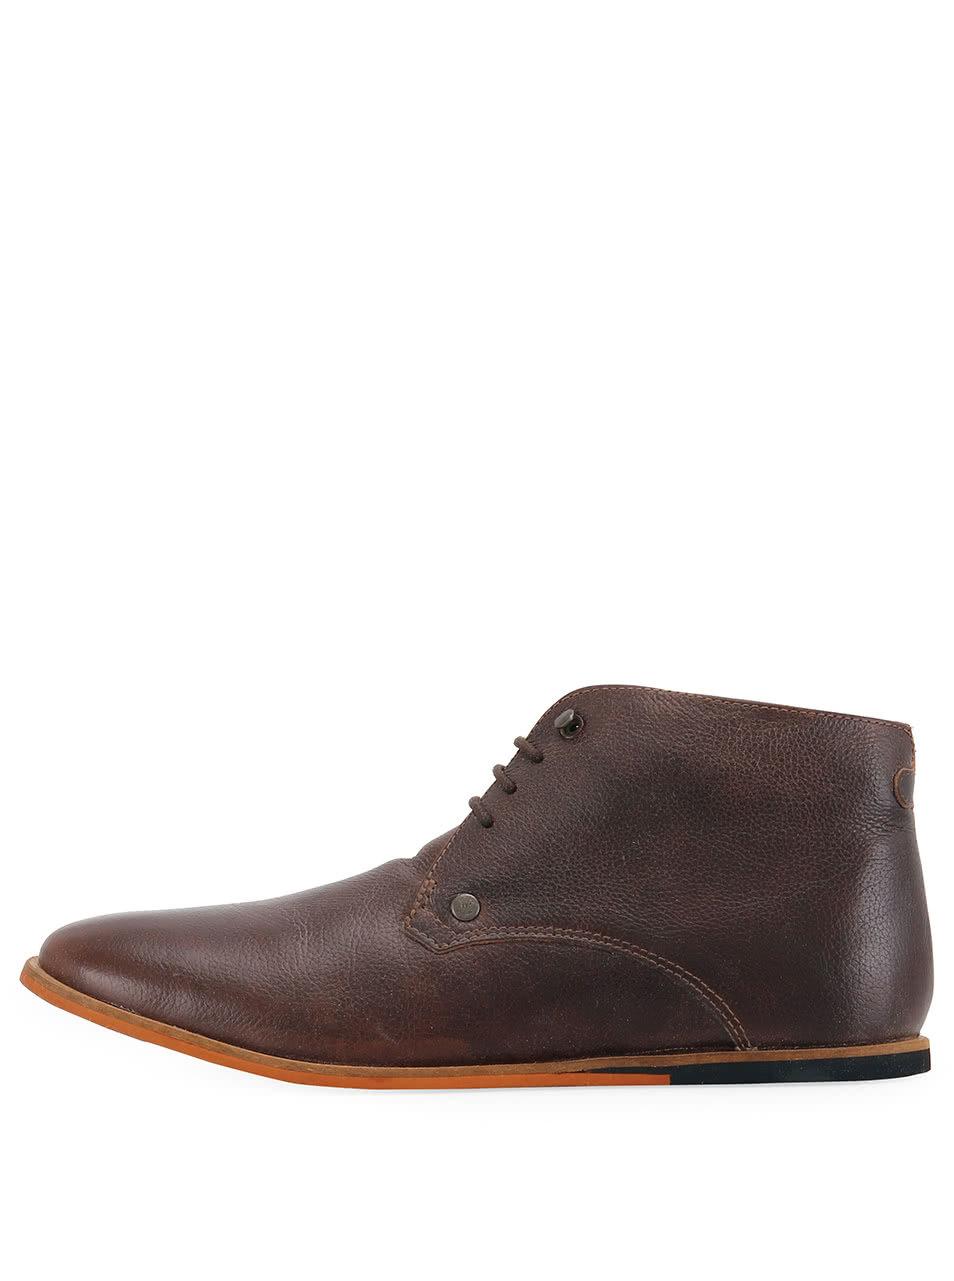 Tmavě hnědé kožené kotníkové boty Frank Wright Smith